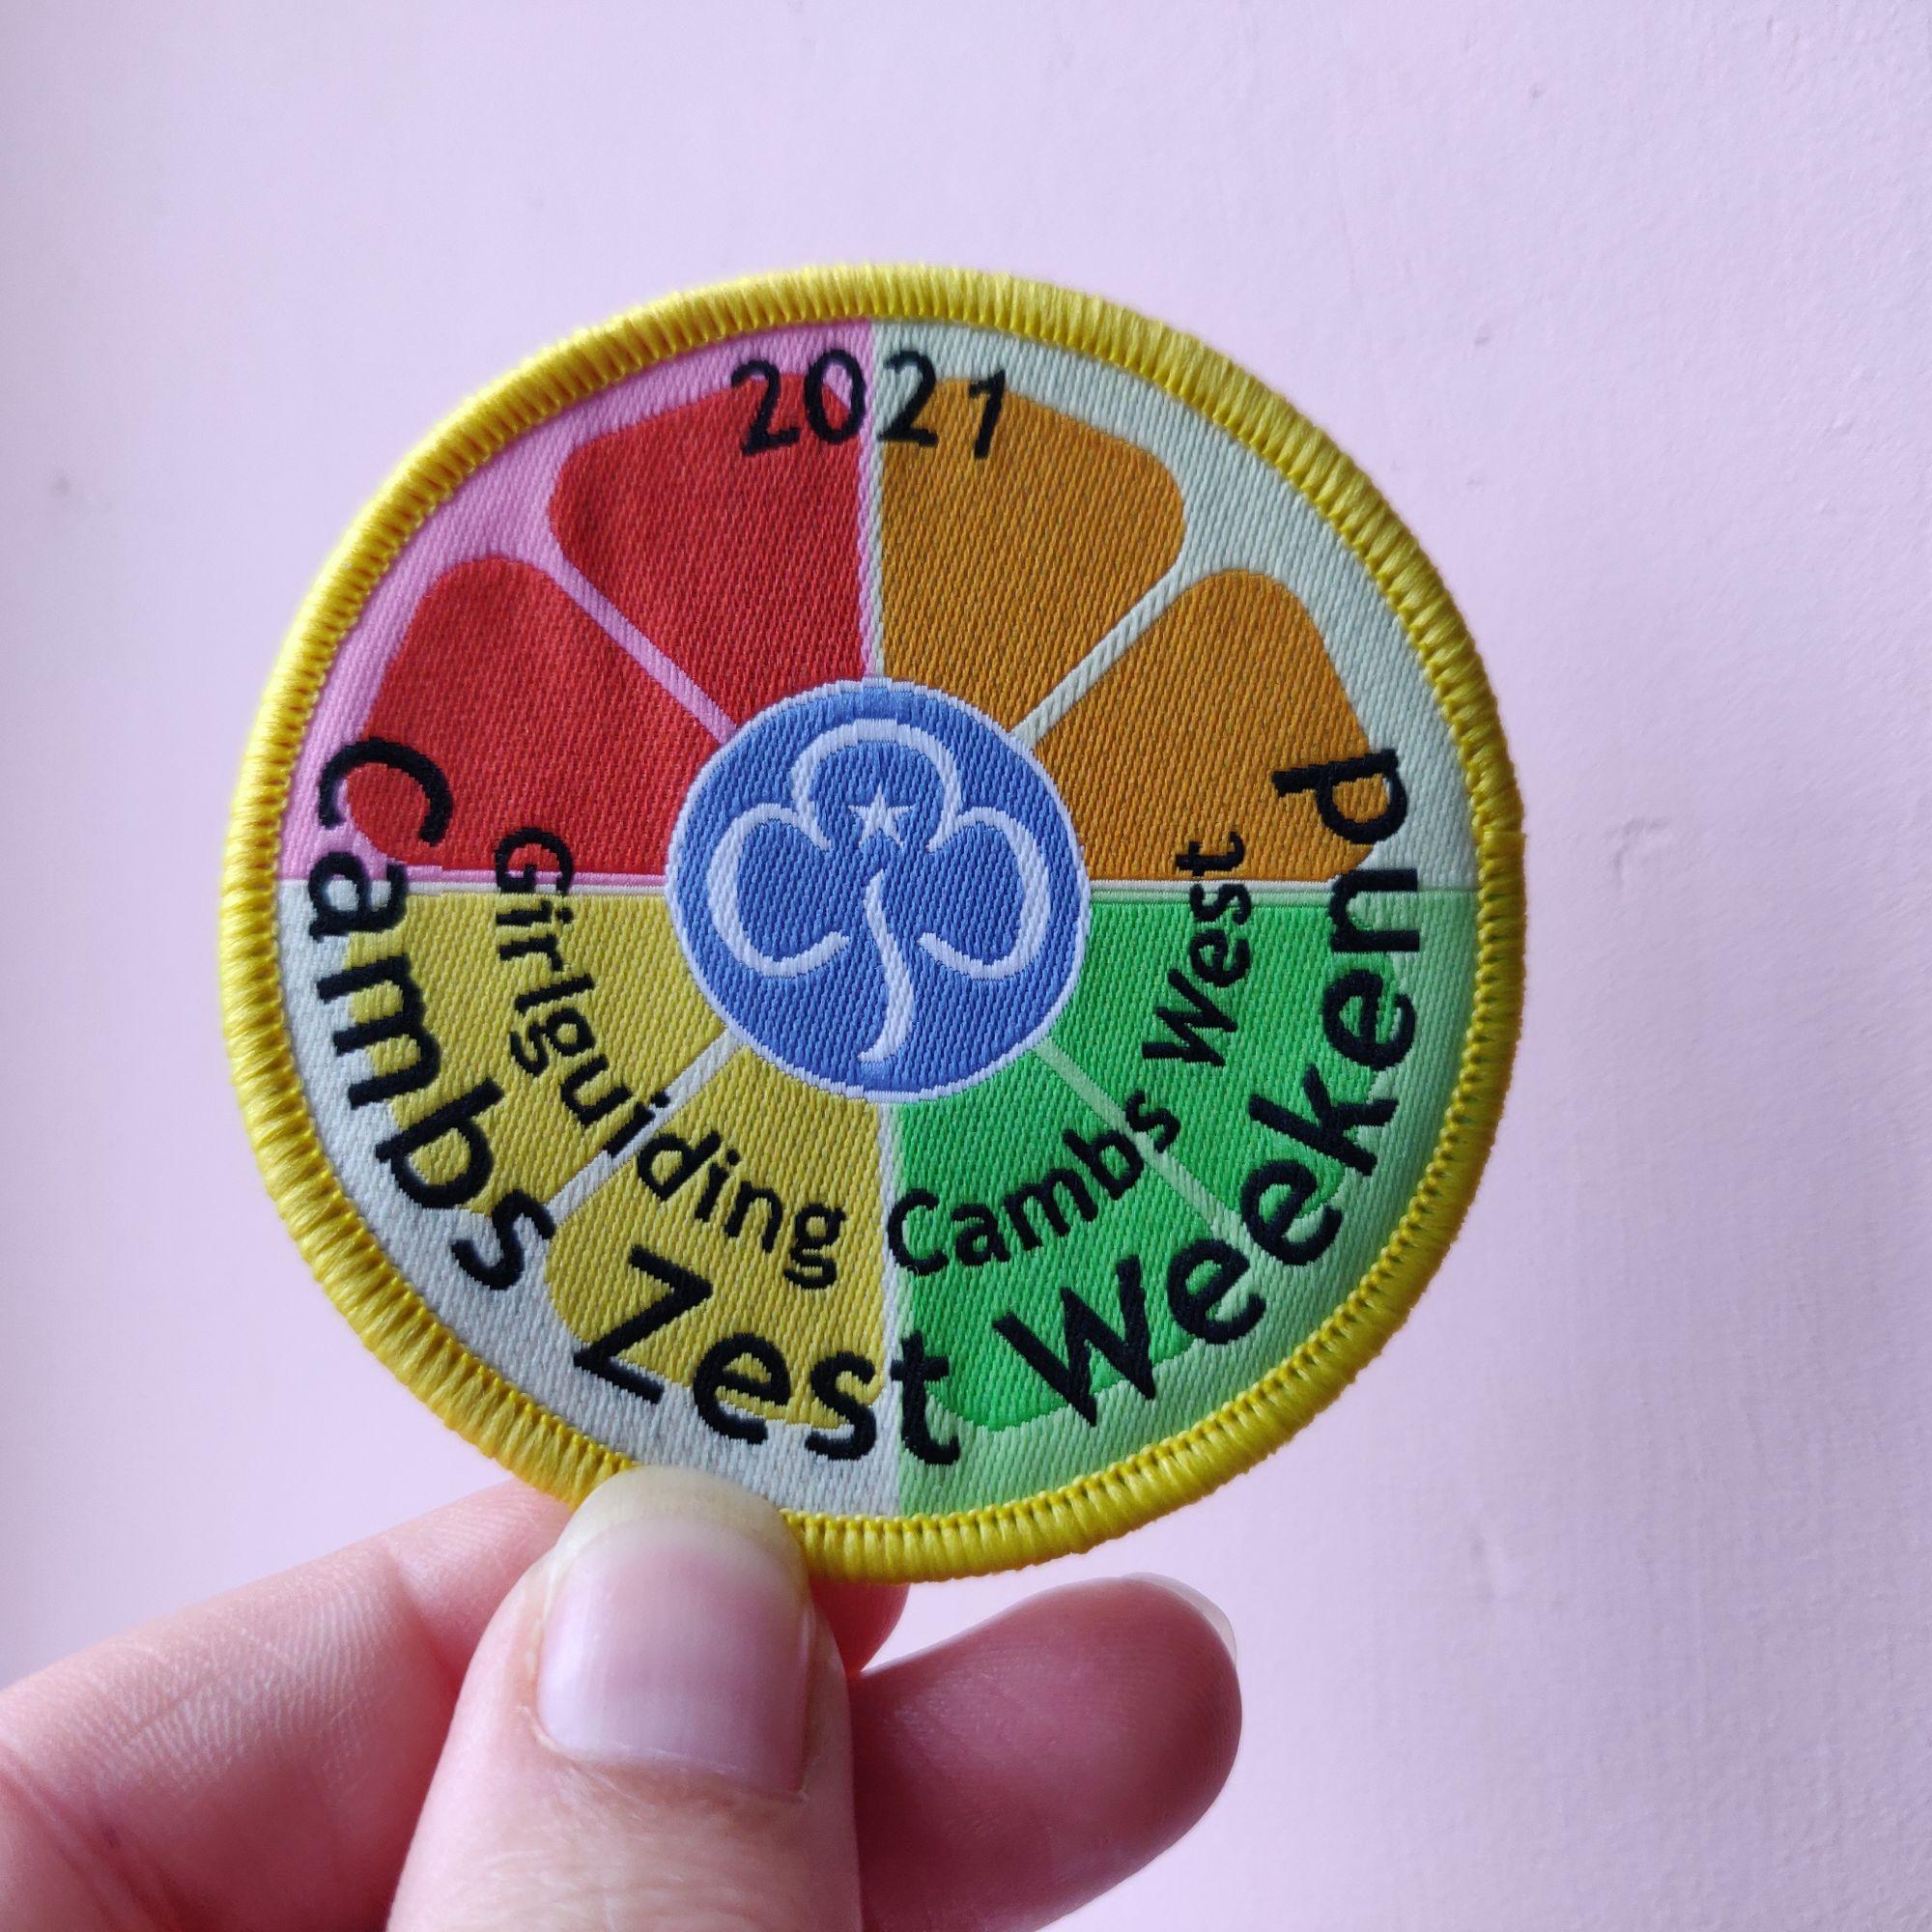 Cambs Zest badge